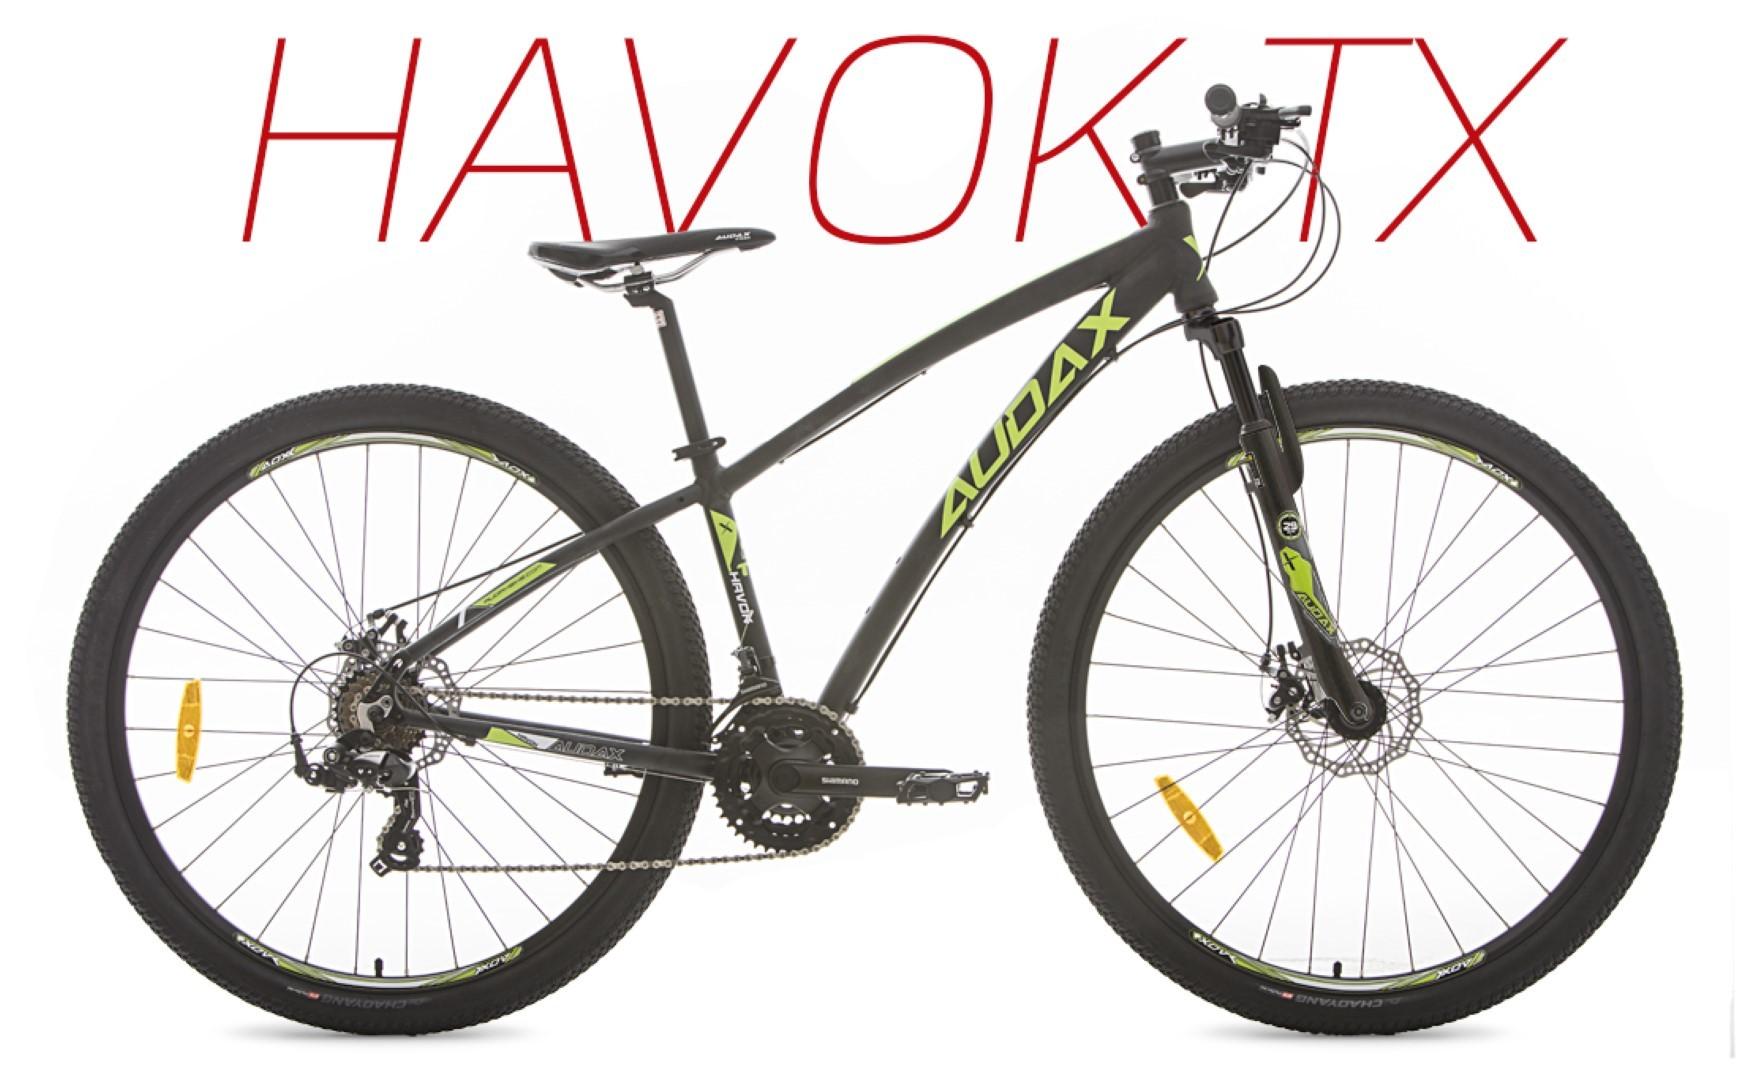 BICICLETA AUDAX HAVOK TX ARO 29 21V FREIO A DISCO MECANICO PRETA E VERDE